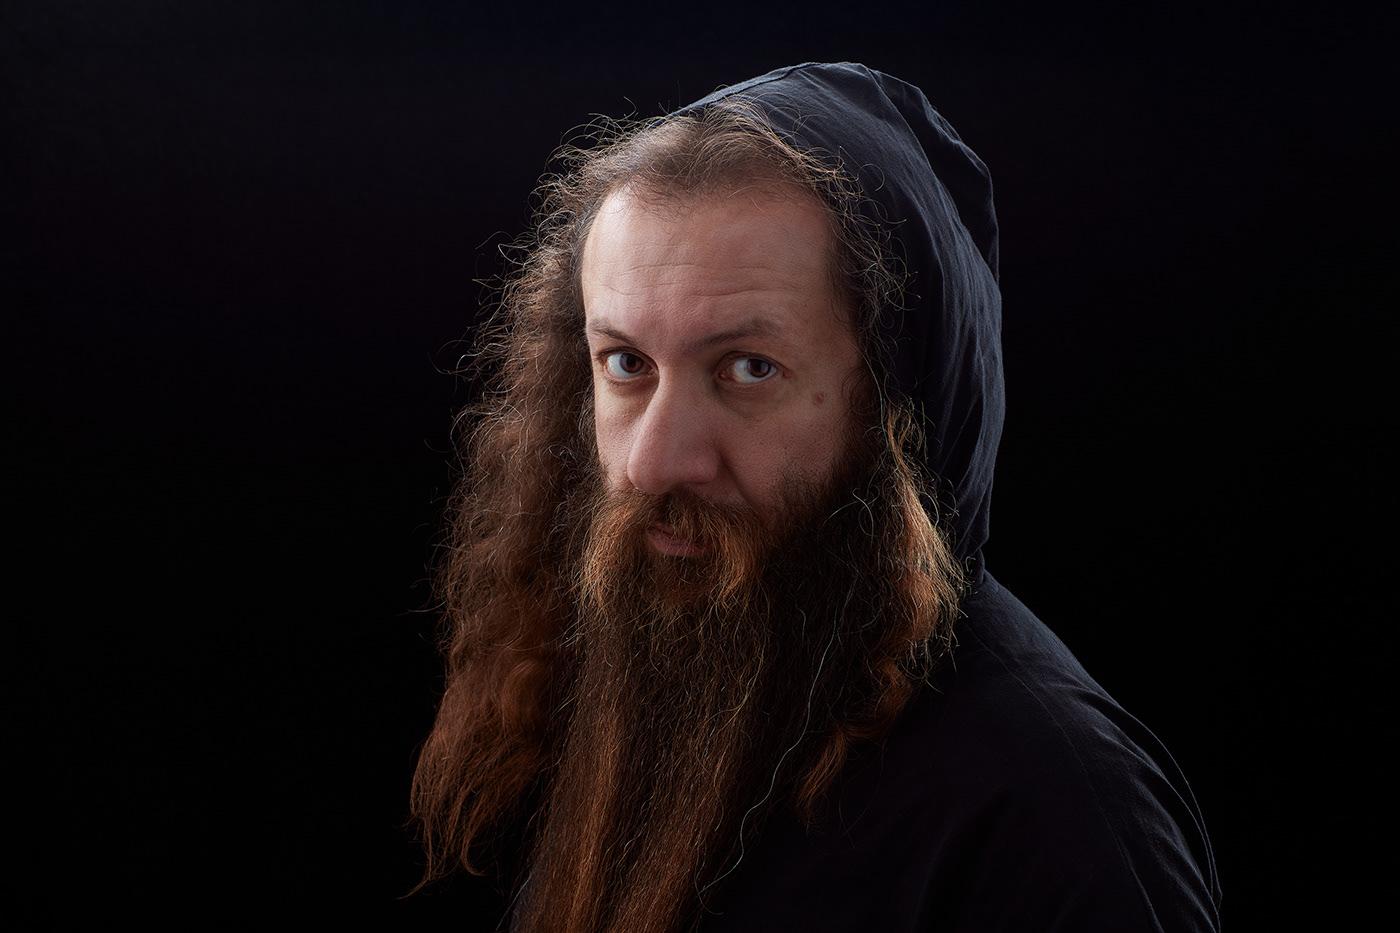 Image may contain: person, human face and human beard